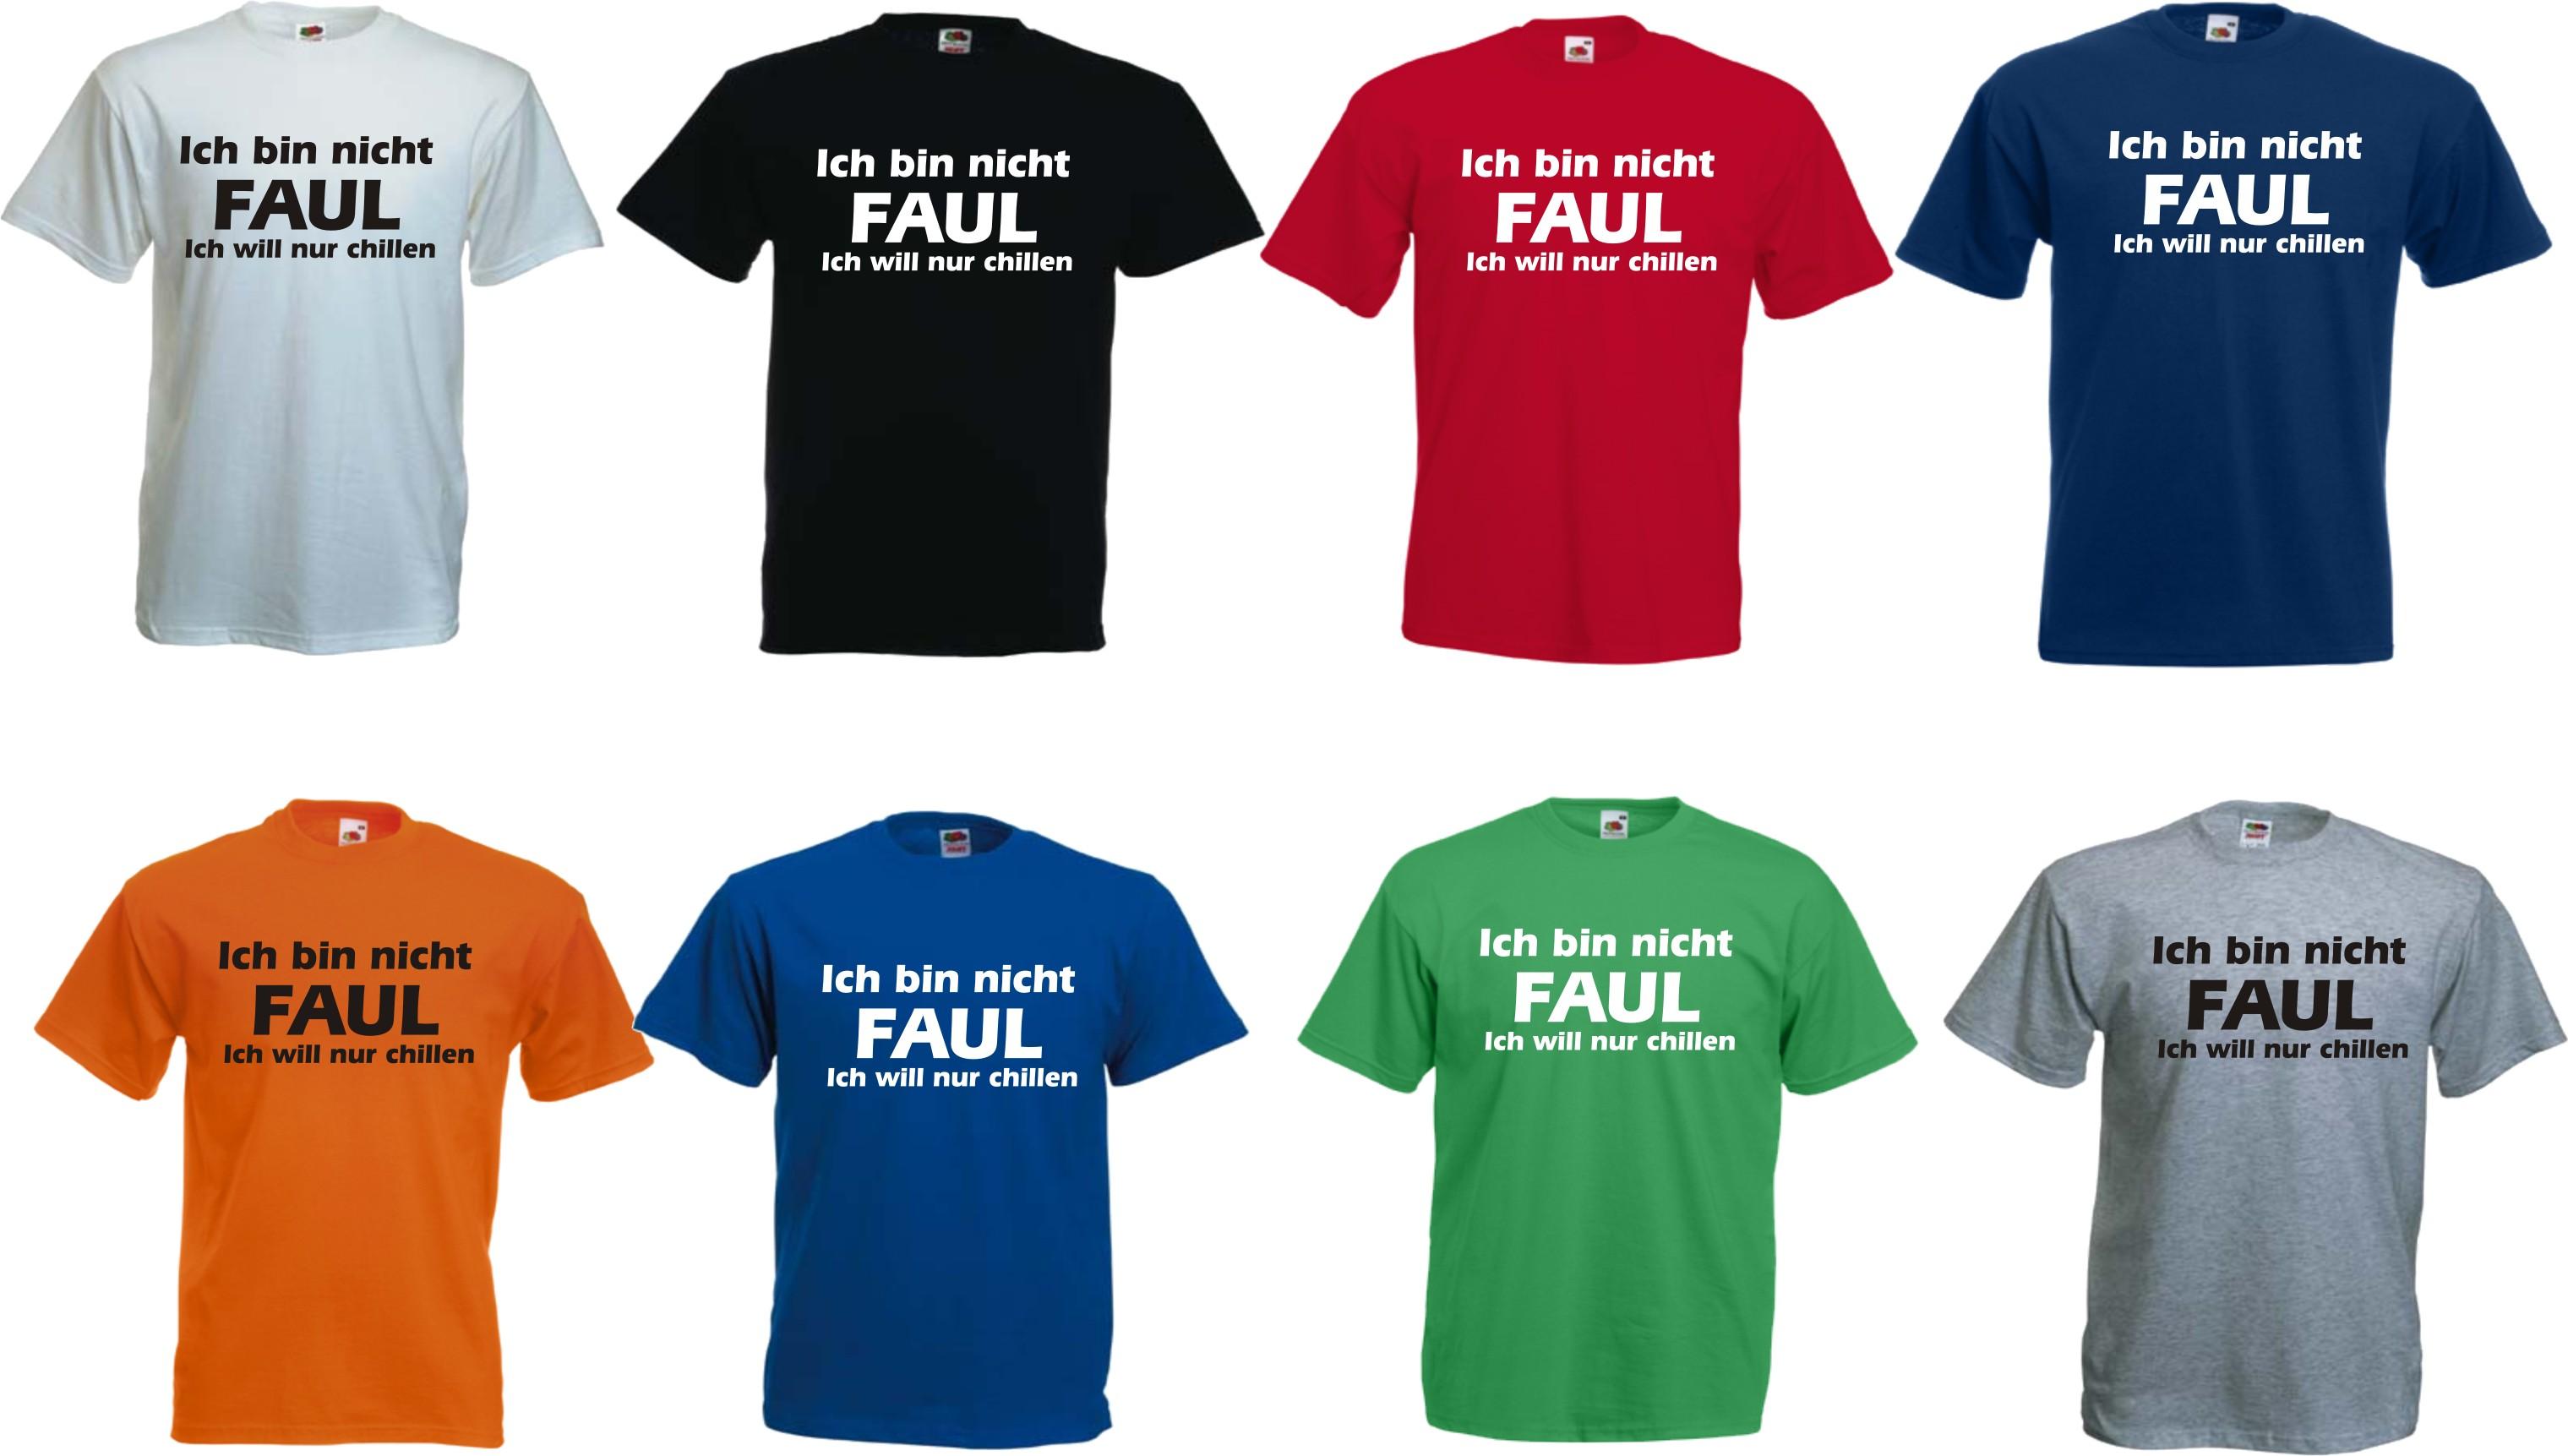 Ich_bin_nicht_faul_alle_farben.jpg